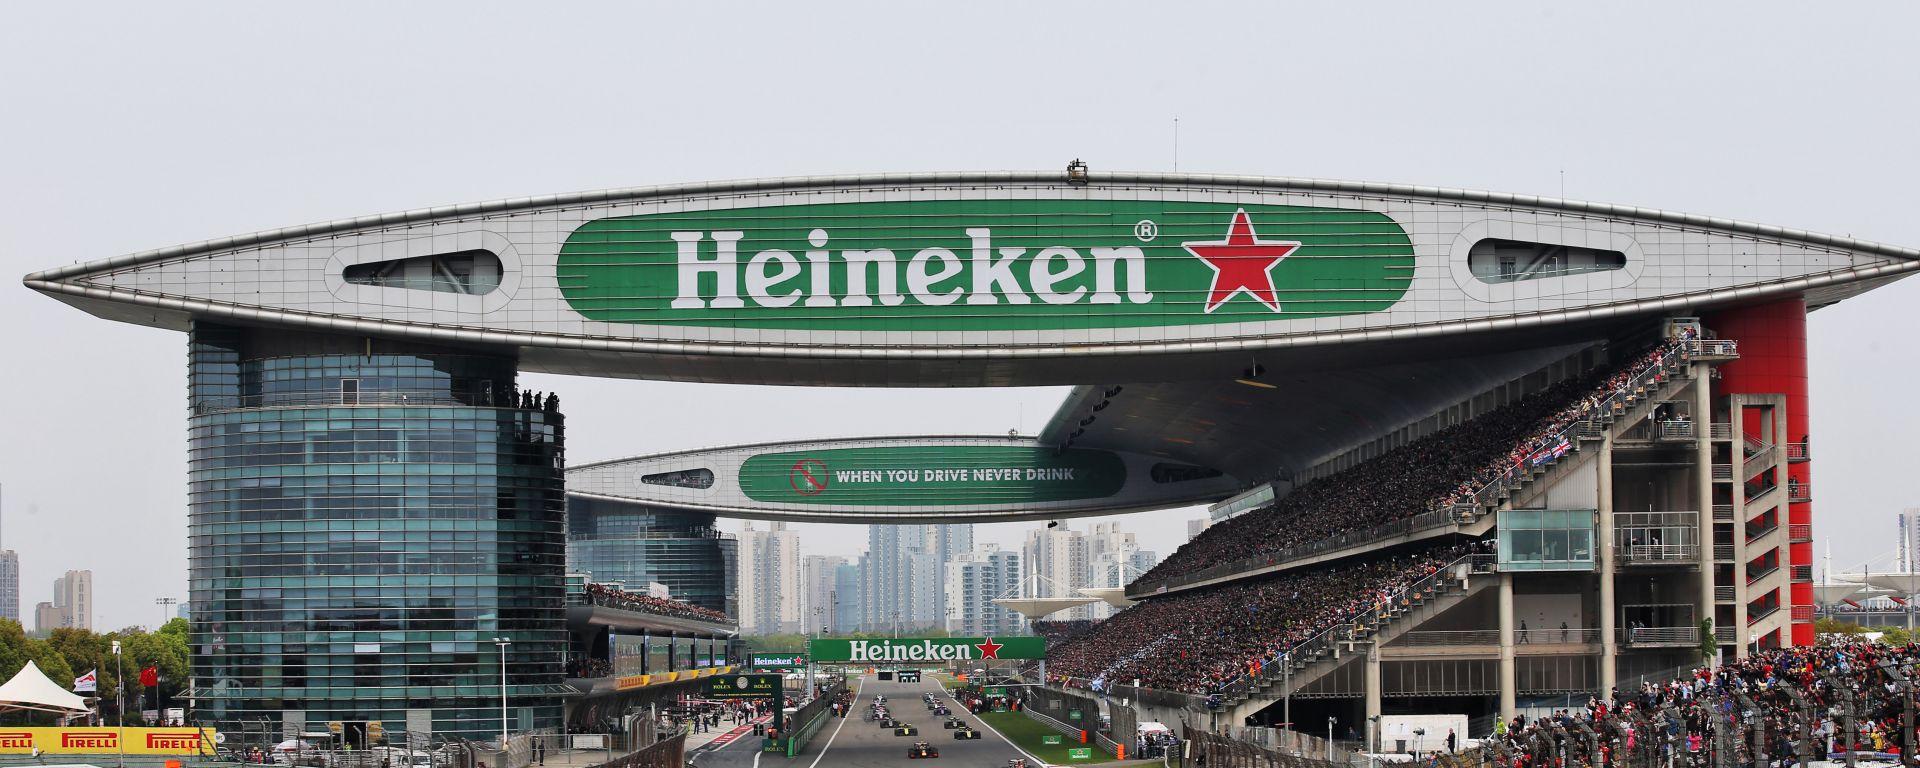 Ufficiale: GP Cina rinviato a data da destinarsi